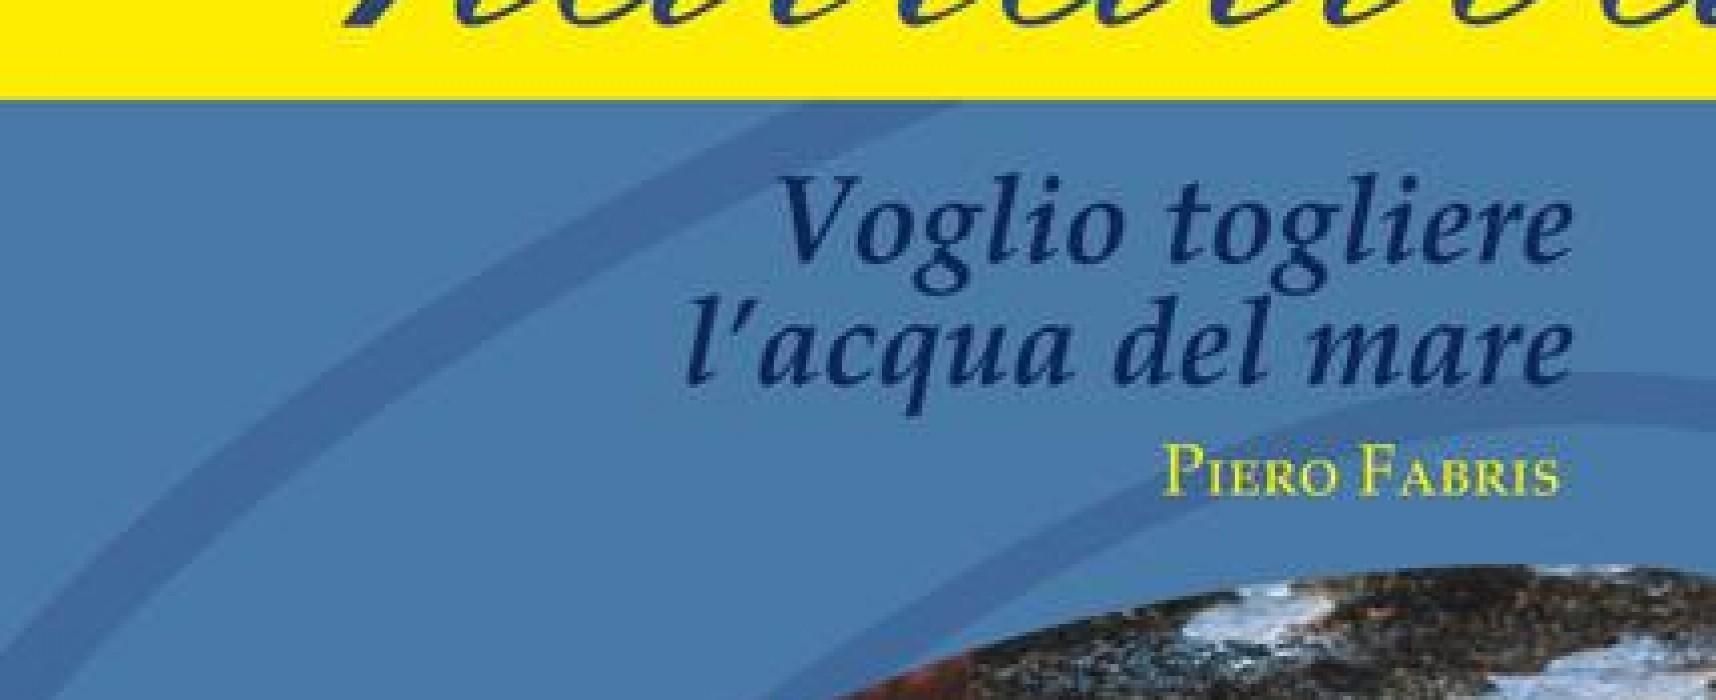 """""""Voglio togliere l'acqua del mare"""", romanzo sull'autismo: presentazione il 19 febbraio al Vesparossa"""